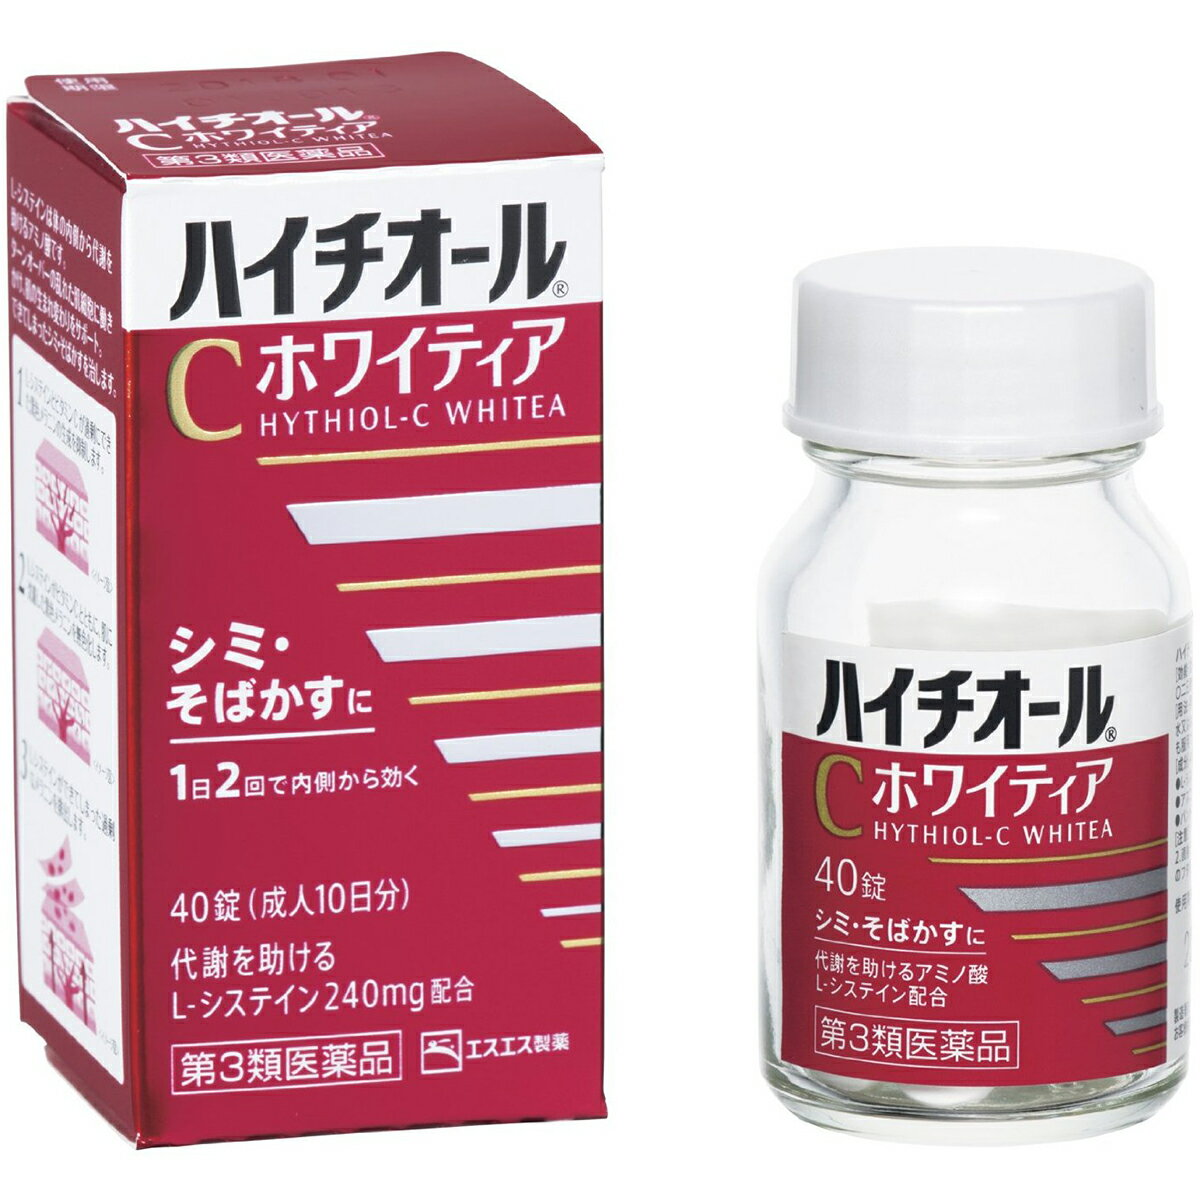 【第3類医薬品】エスエス製薬株式会社 ハイチオールCホワイティア 40錠<代謝を助けるL-システイン(アミノ酸)240mg+ビタミンC。1日2回>(この商品は注文後のキャンセルができません)【ドラッグピュア楽天市場店】【RCP】